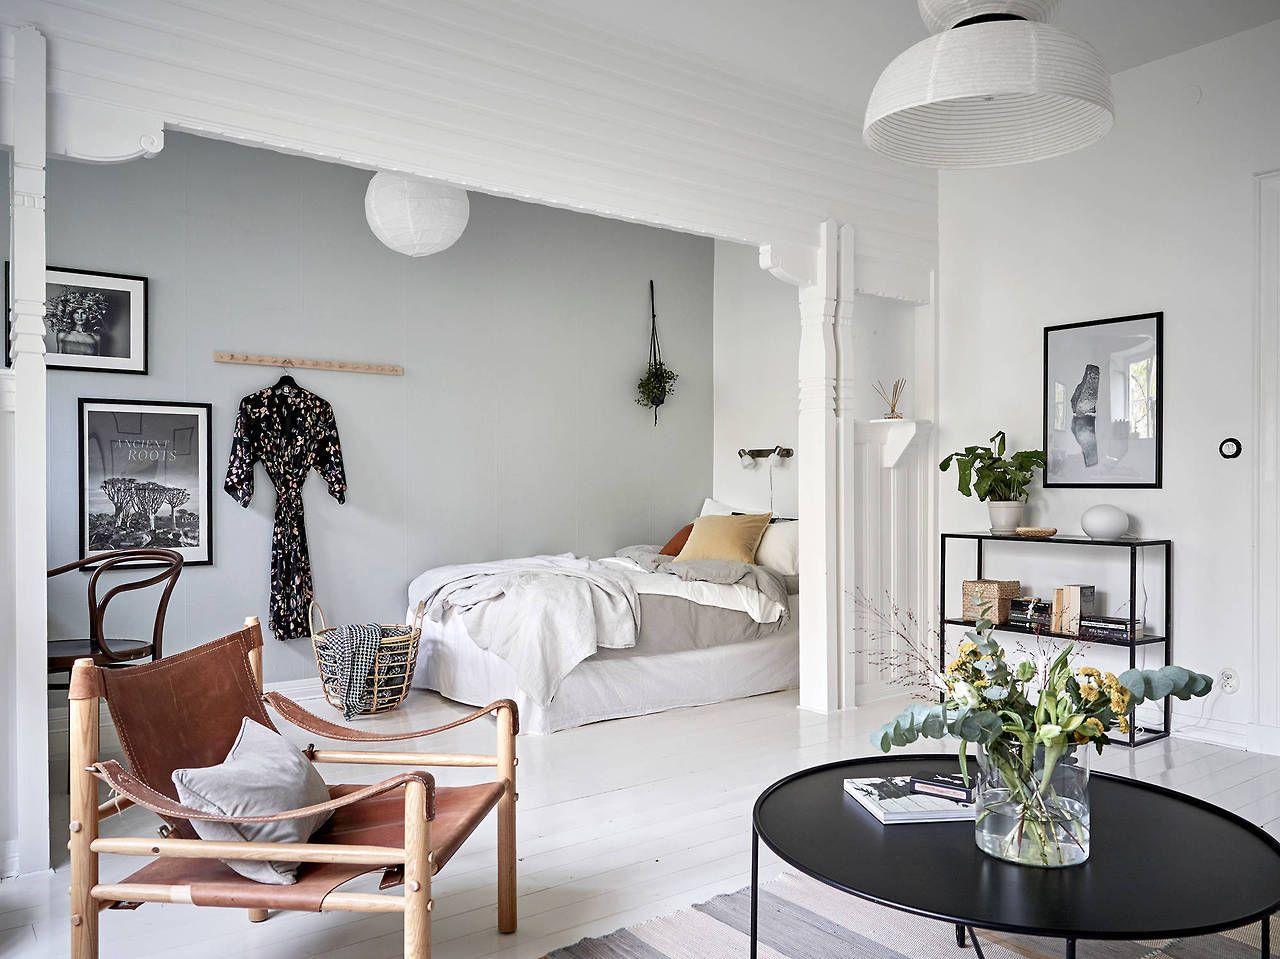 Memilih style interior furniture apartemen studio yang diinginkan - Penggunaan Furniture pada Desain Interior Apartemen Studio ini, Bisa Dijadikan Inspirasi